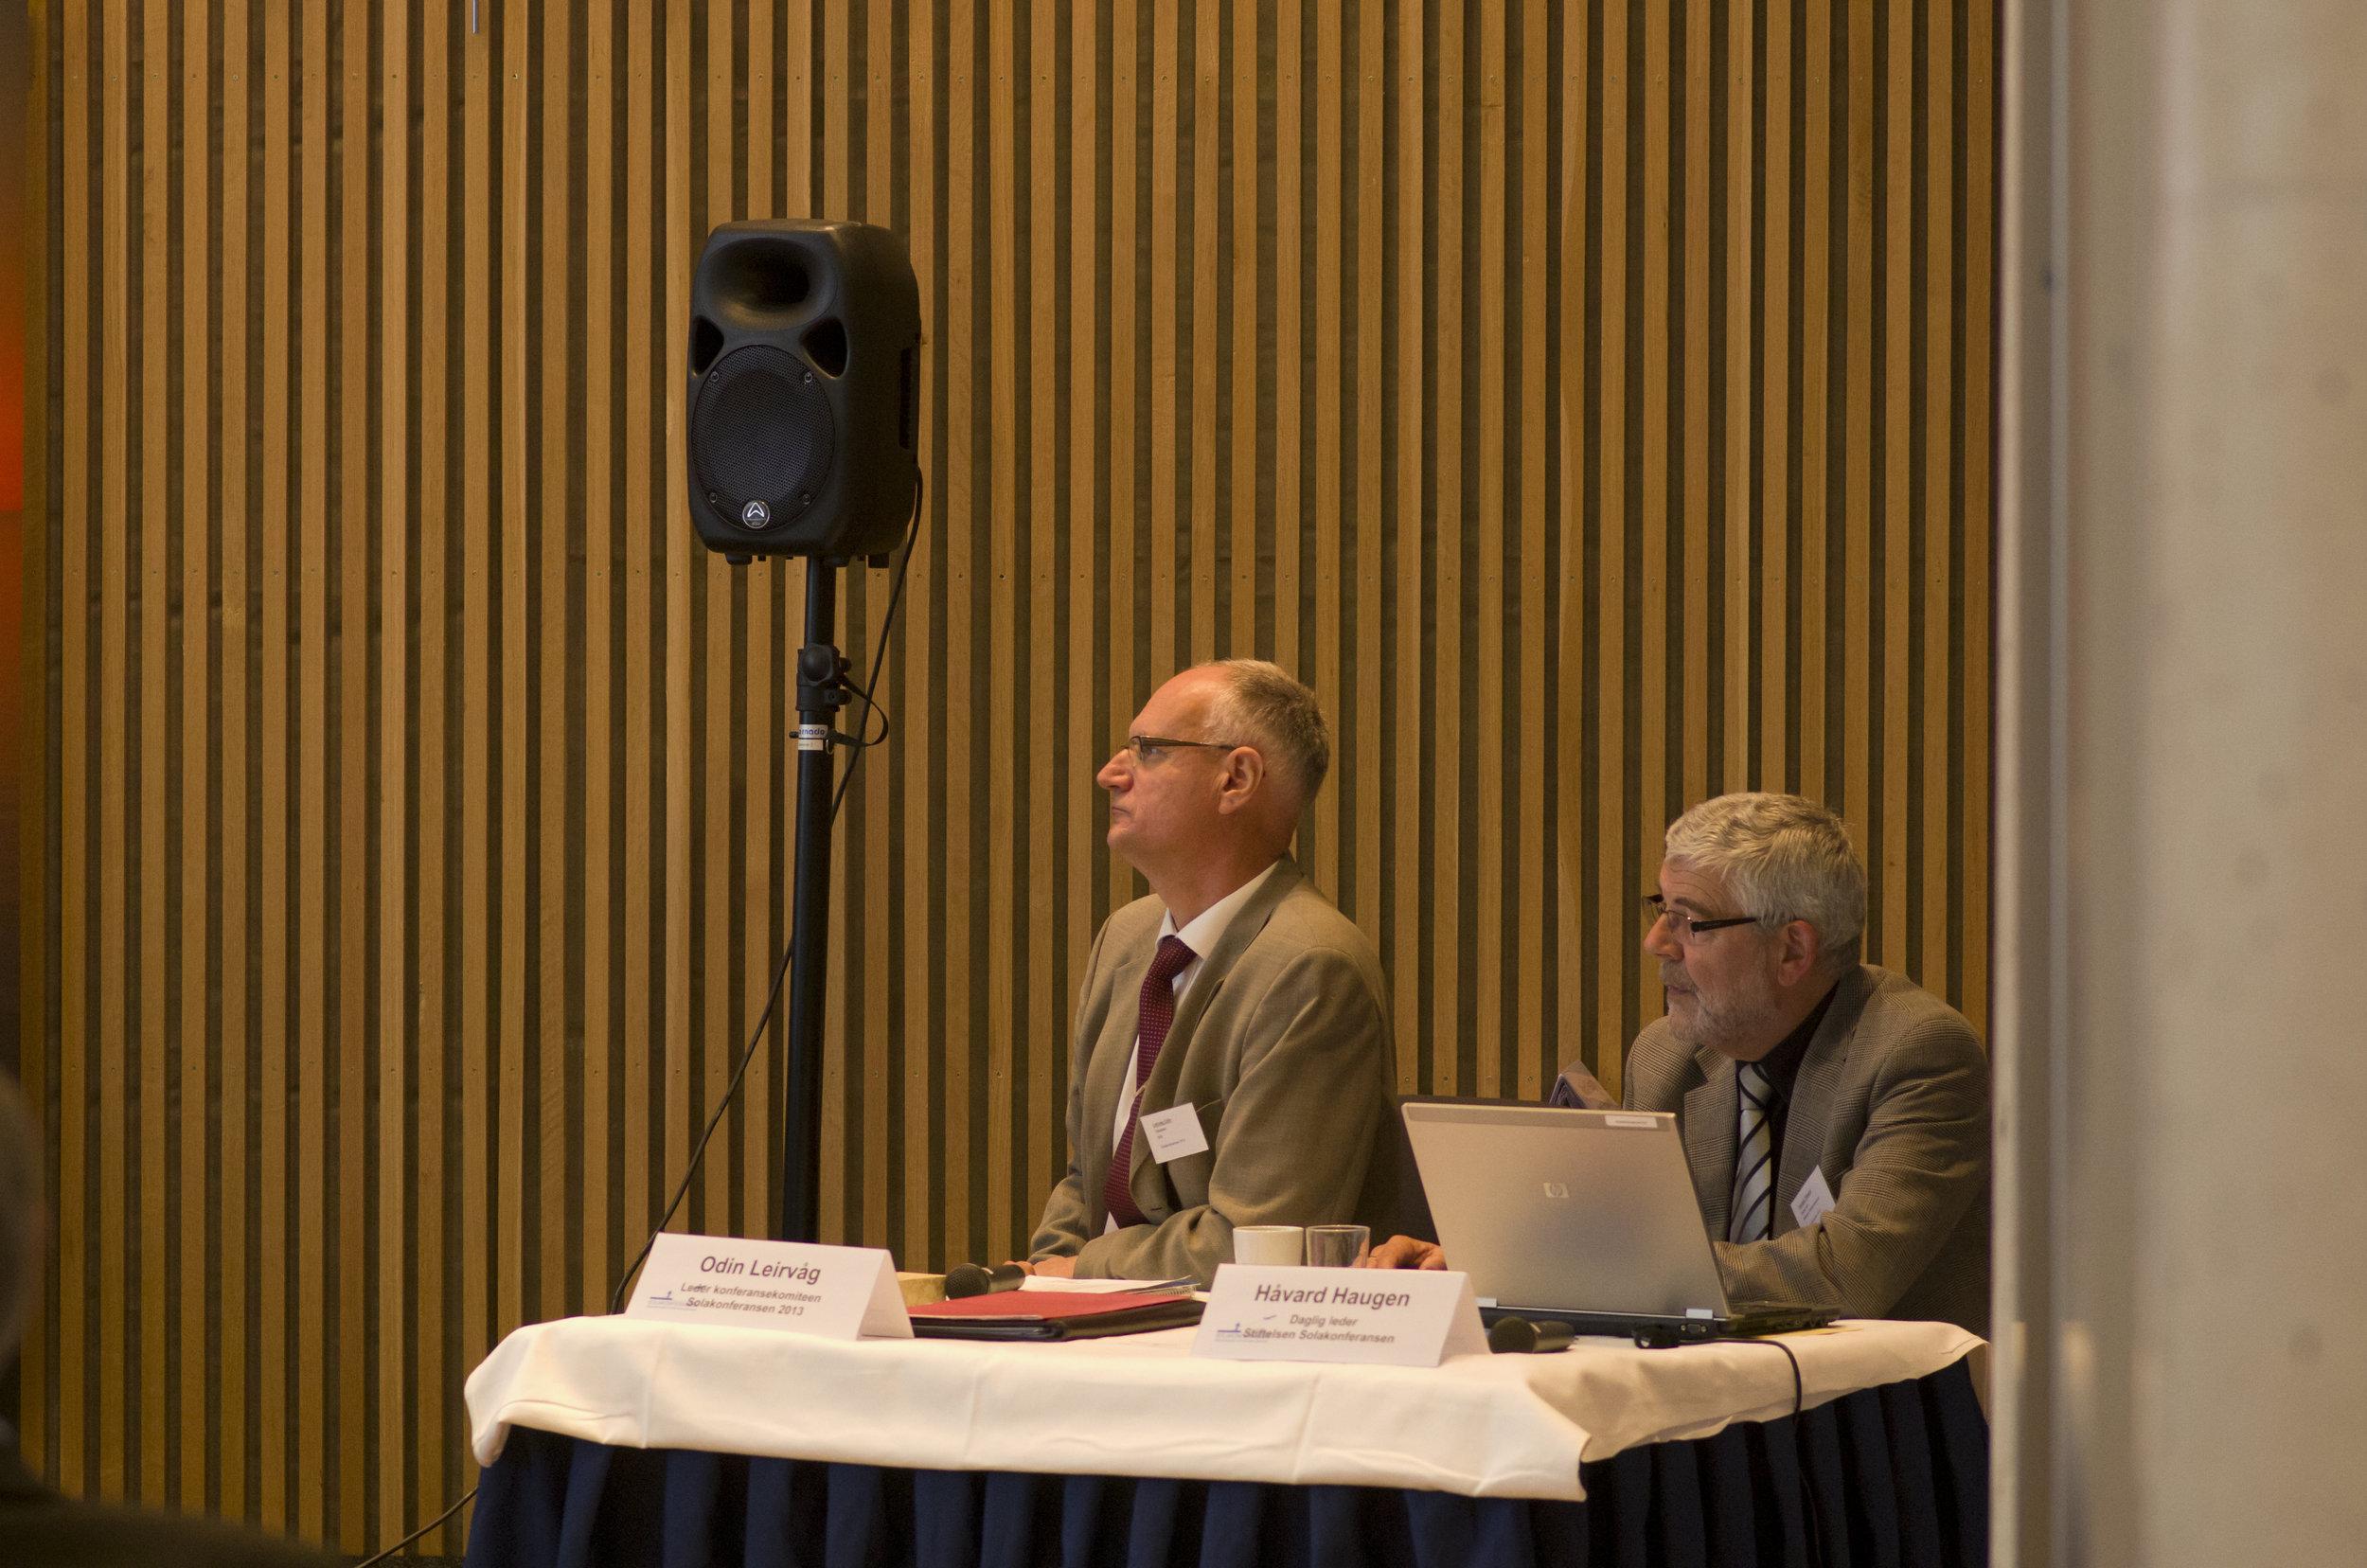 Odin og Håvard (2).JPG